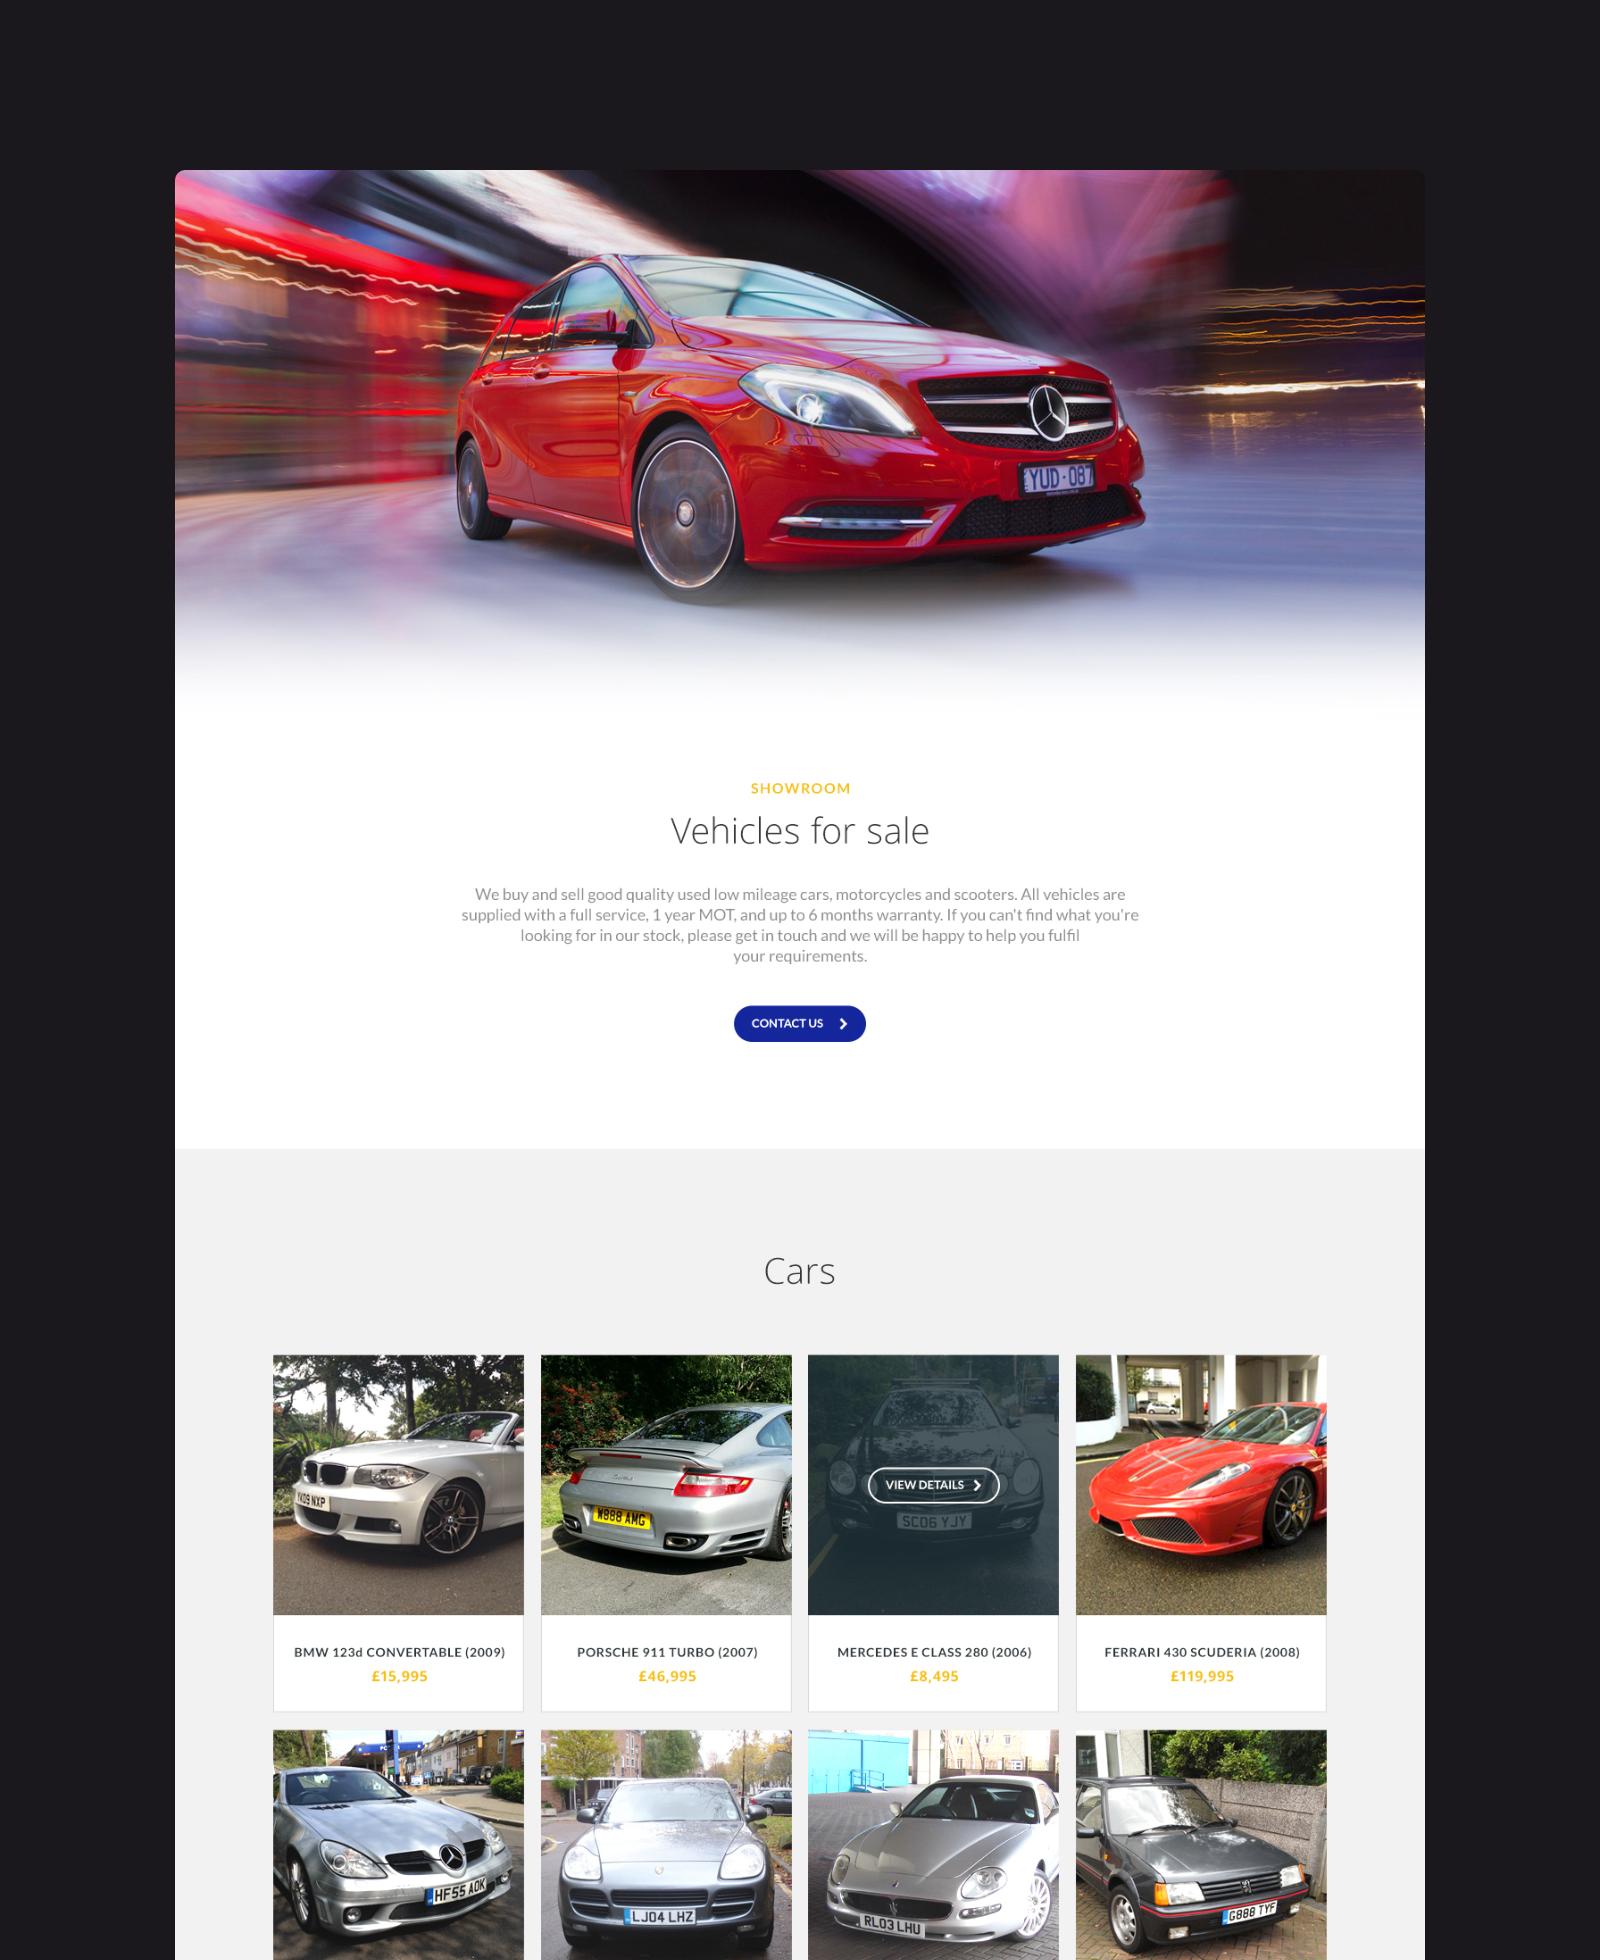 Car Care of Kensington Auto Sales